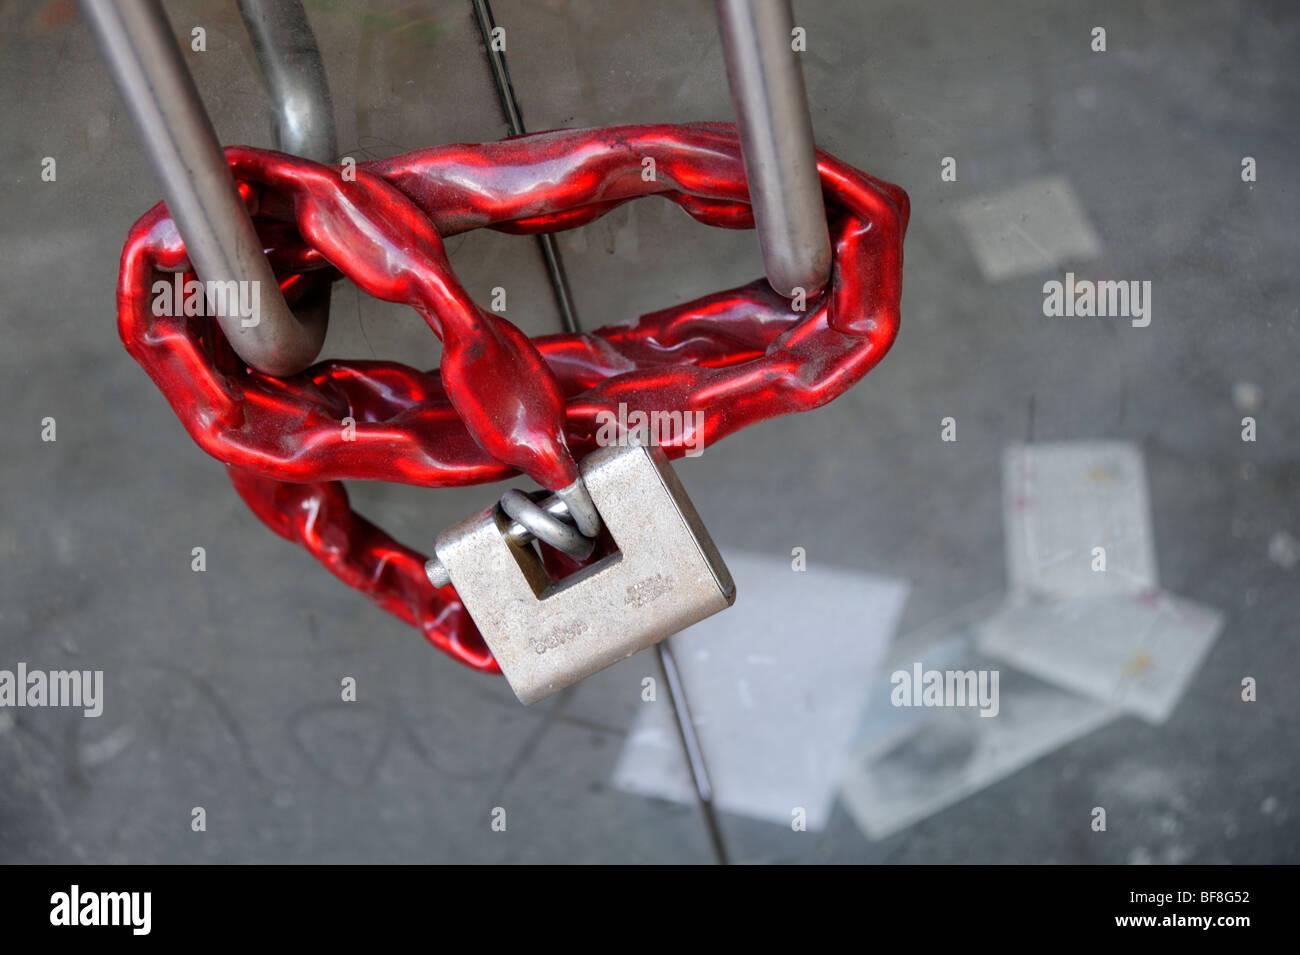 Il lucchetto e catena sul negozio chiuso ingresso. Londra. Regno Unito 2009. Immagini Stock